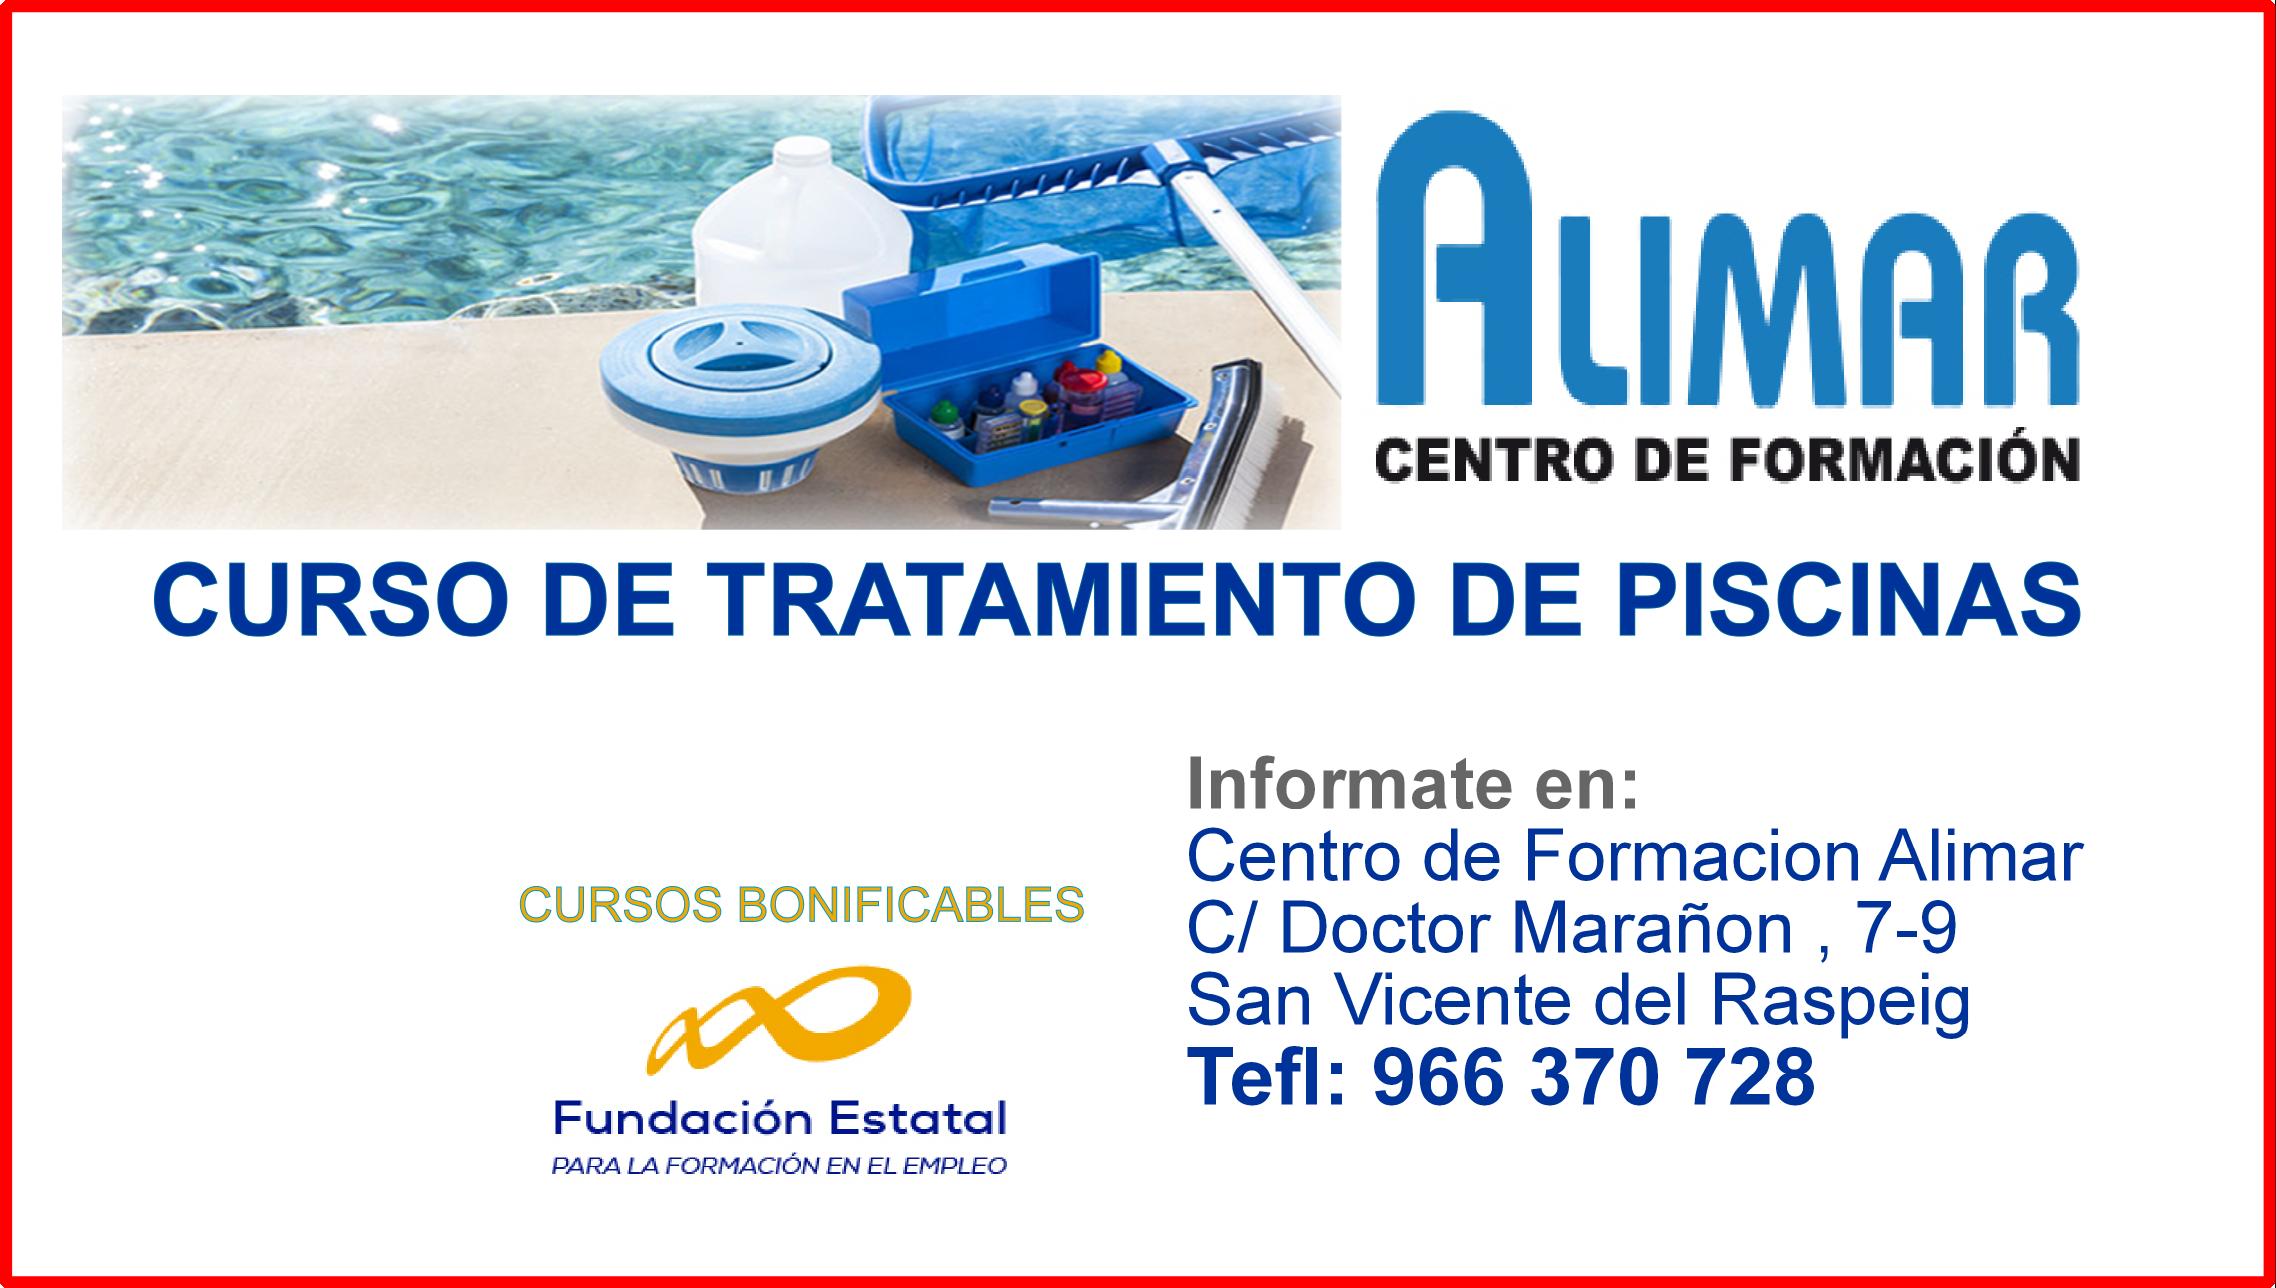 Autoescuela alimar la mejor autoescuela de alicante - Curso mantenimiento de piscinas ...